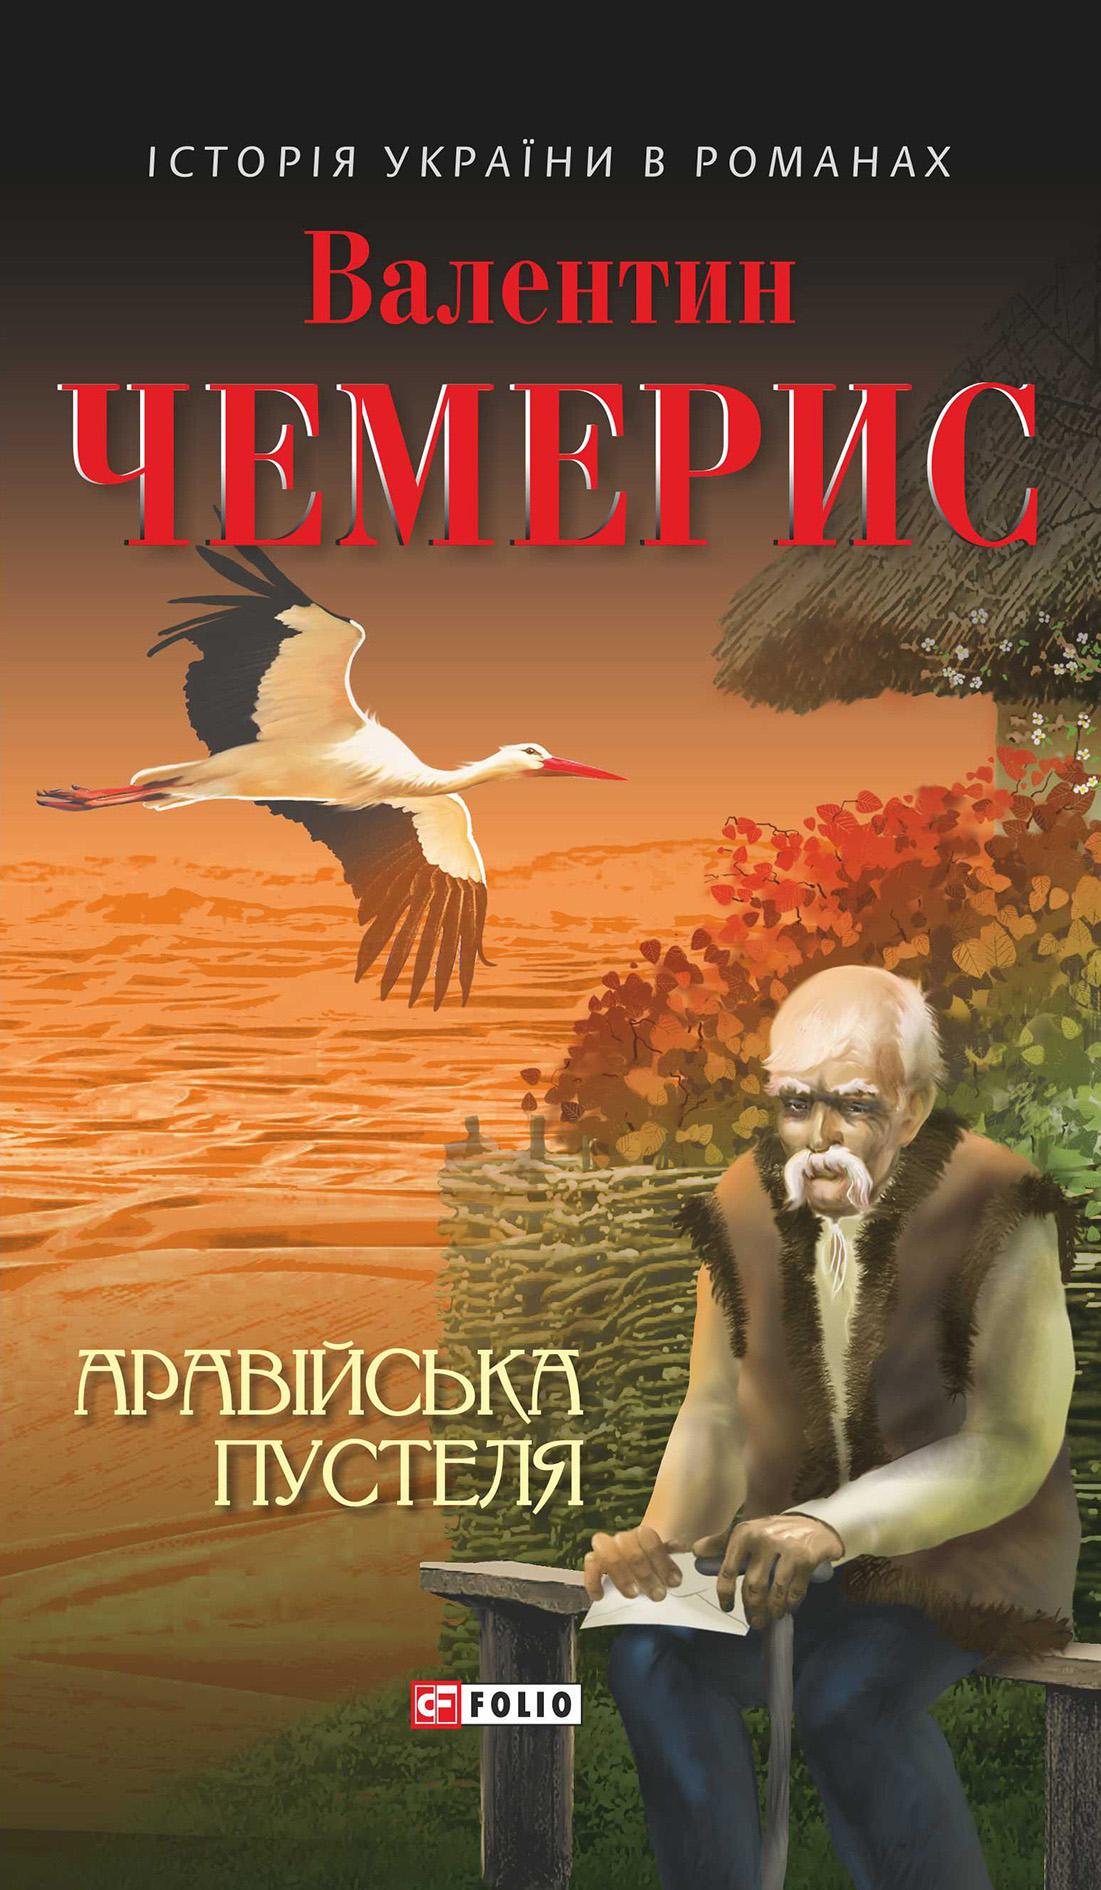 Валентин Чемерис Аравійська пустеля (збірник) дмитро павличко любов і ненависть вибране